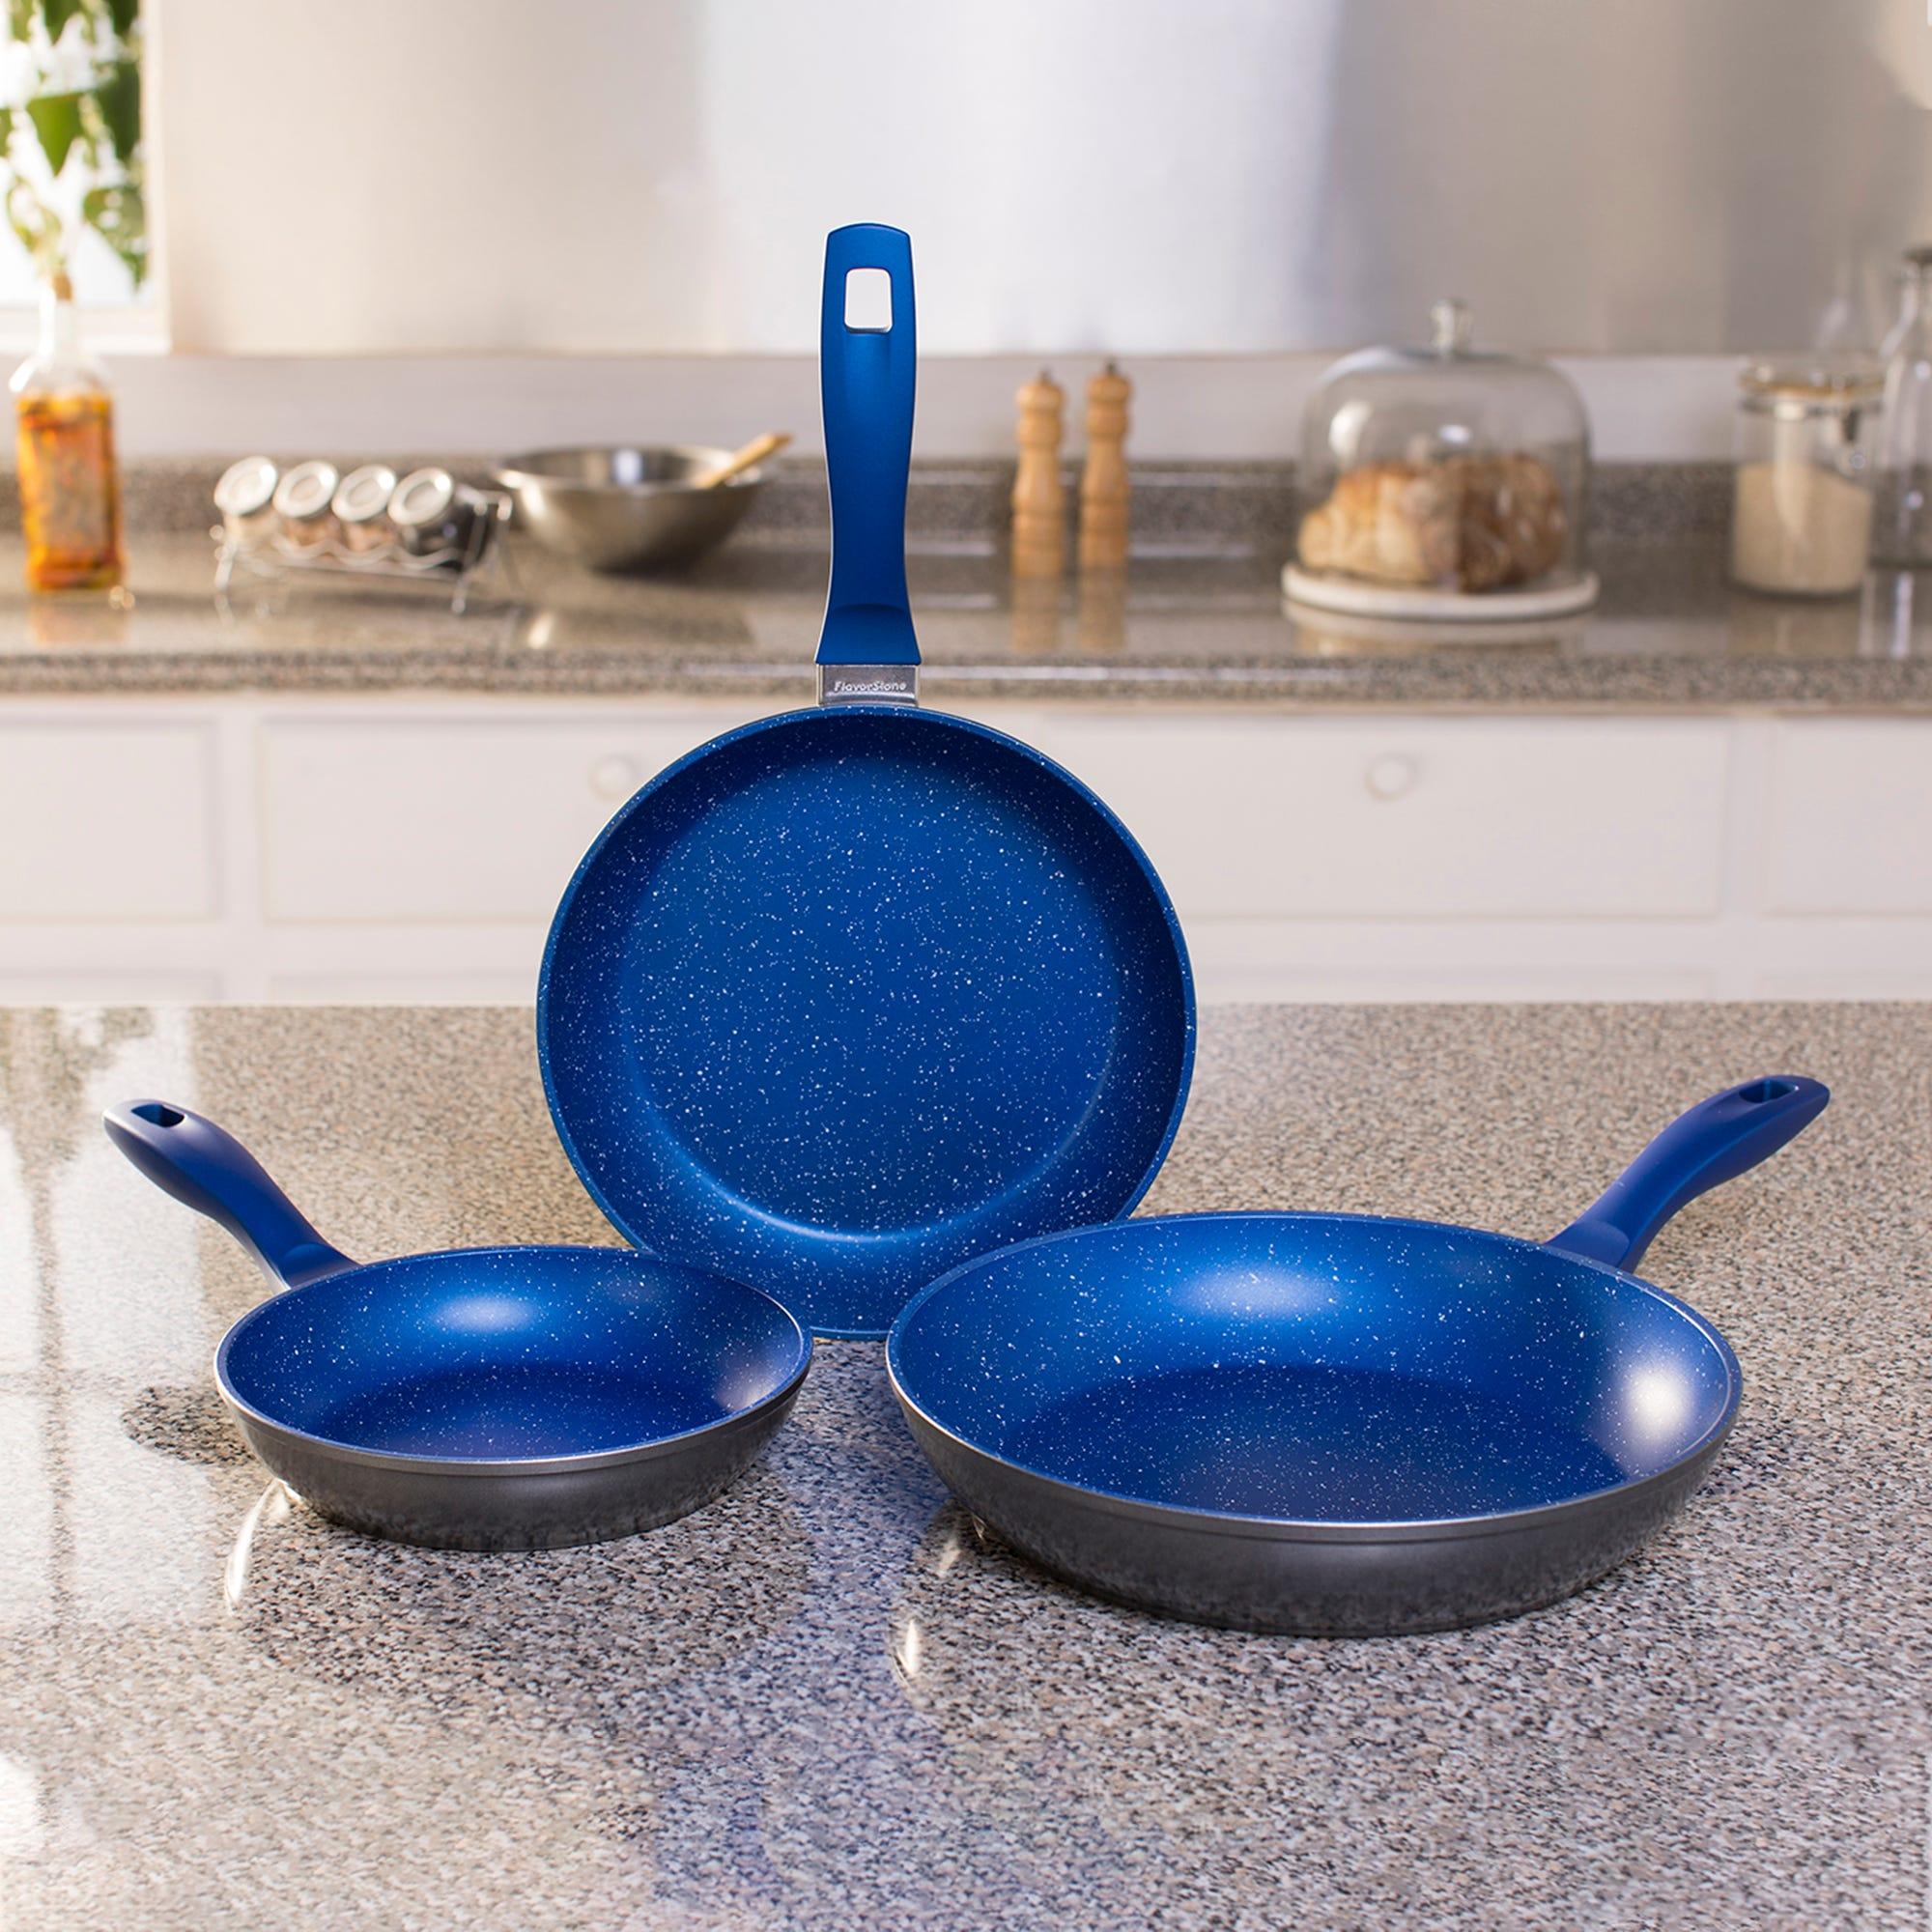 Set de sartenes para saltear Flavor Stone color azul, 3 piezas